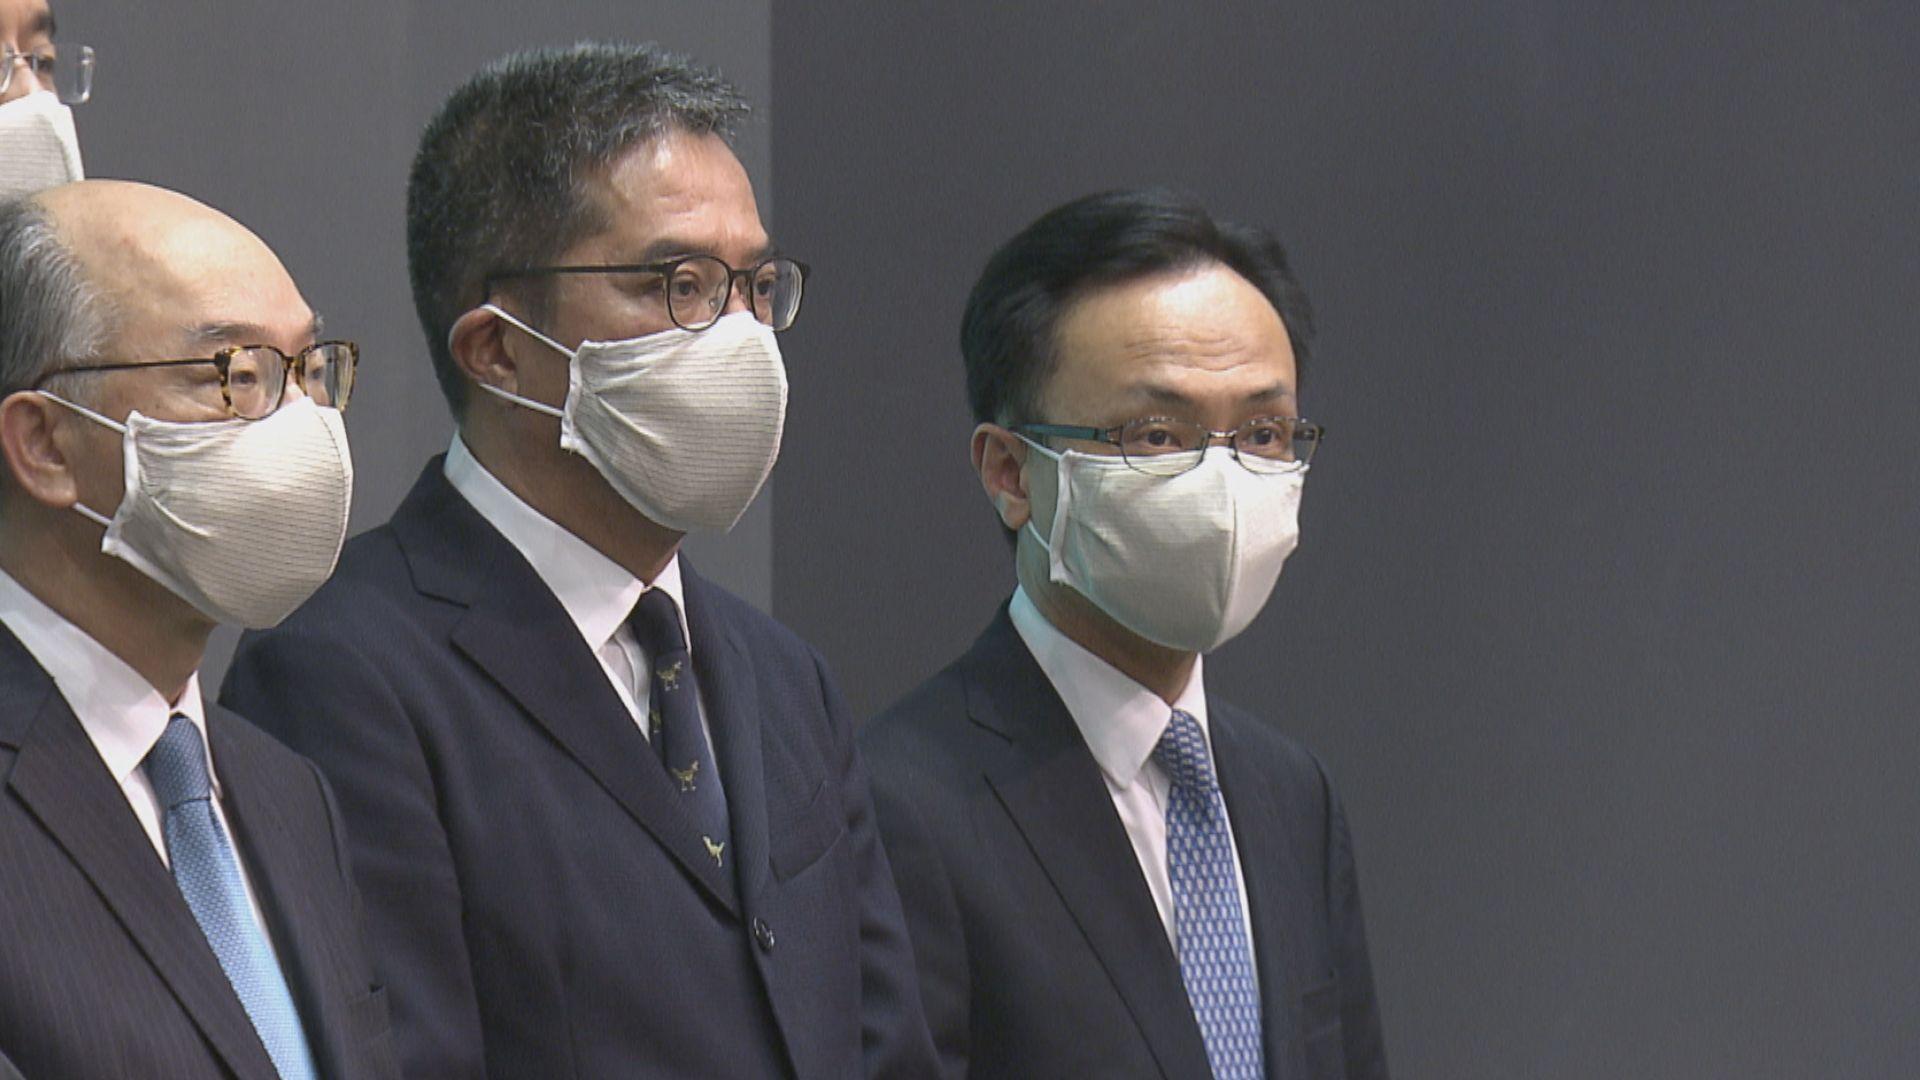 聶德權:批評香港變成一國一制是站不住腳